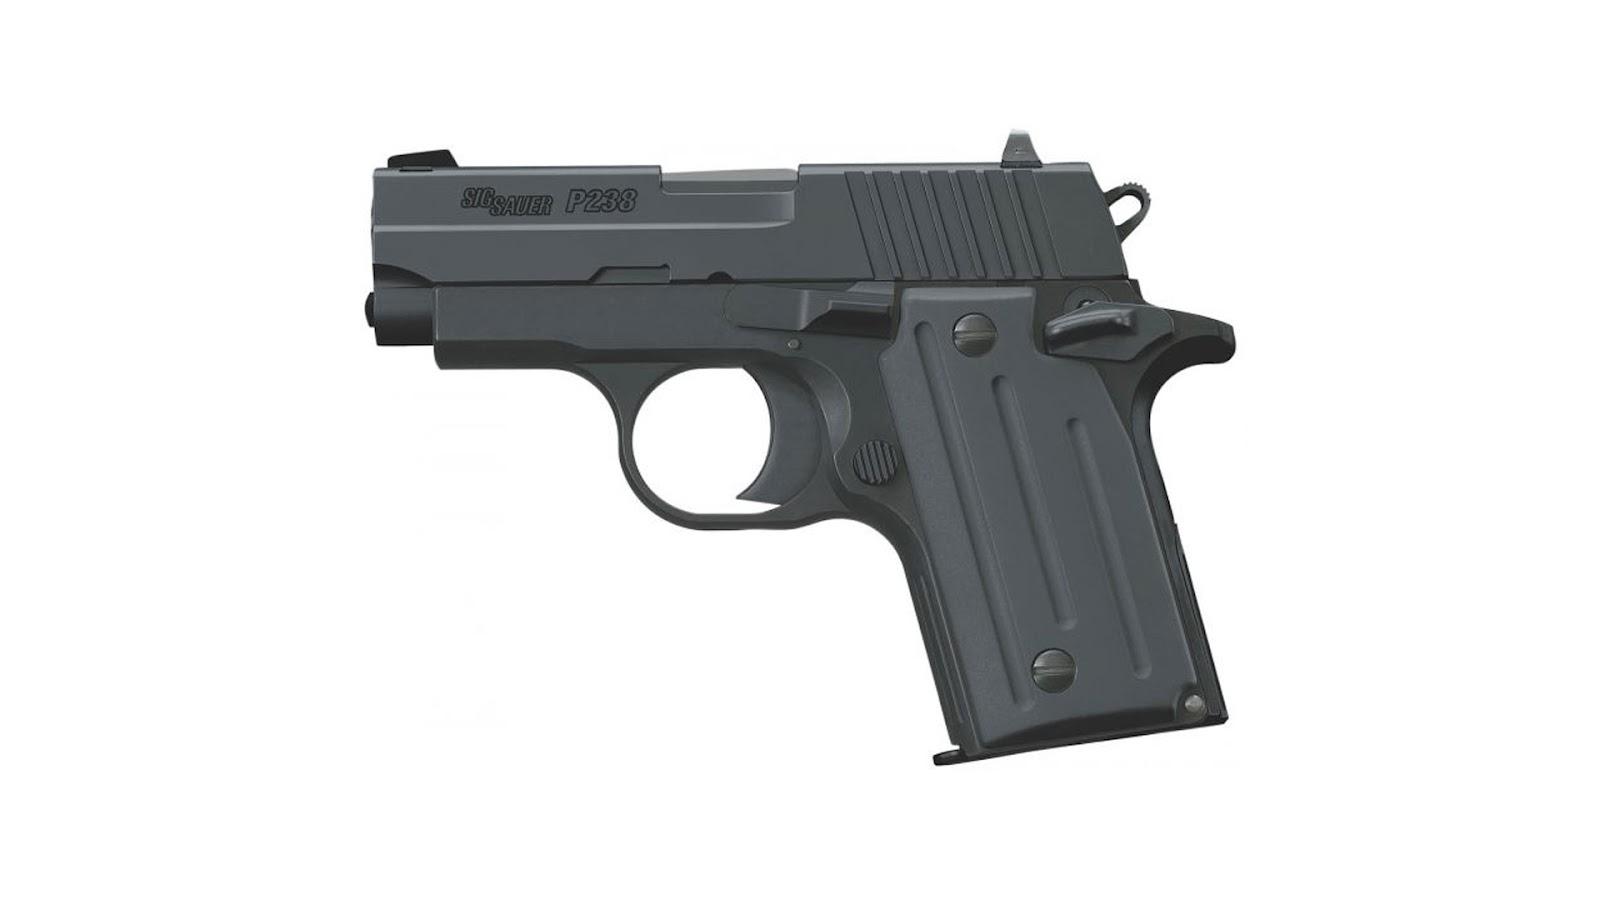 Sig Sauer P238 pistol